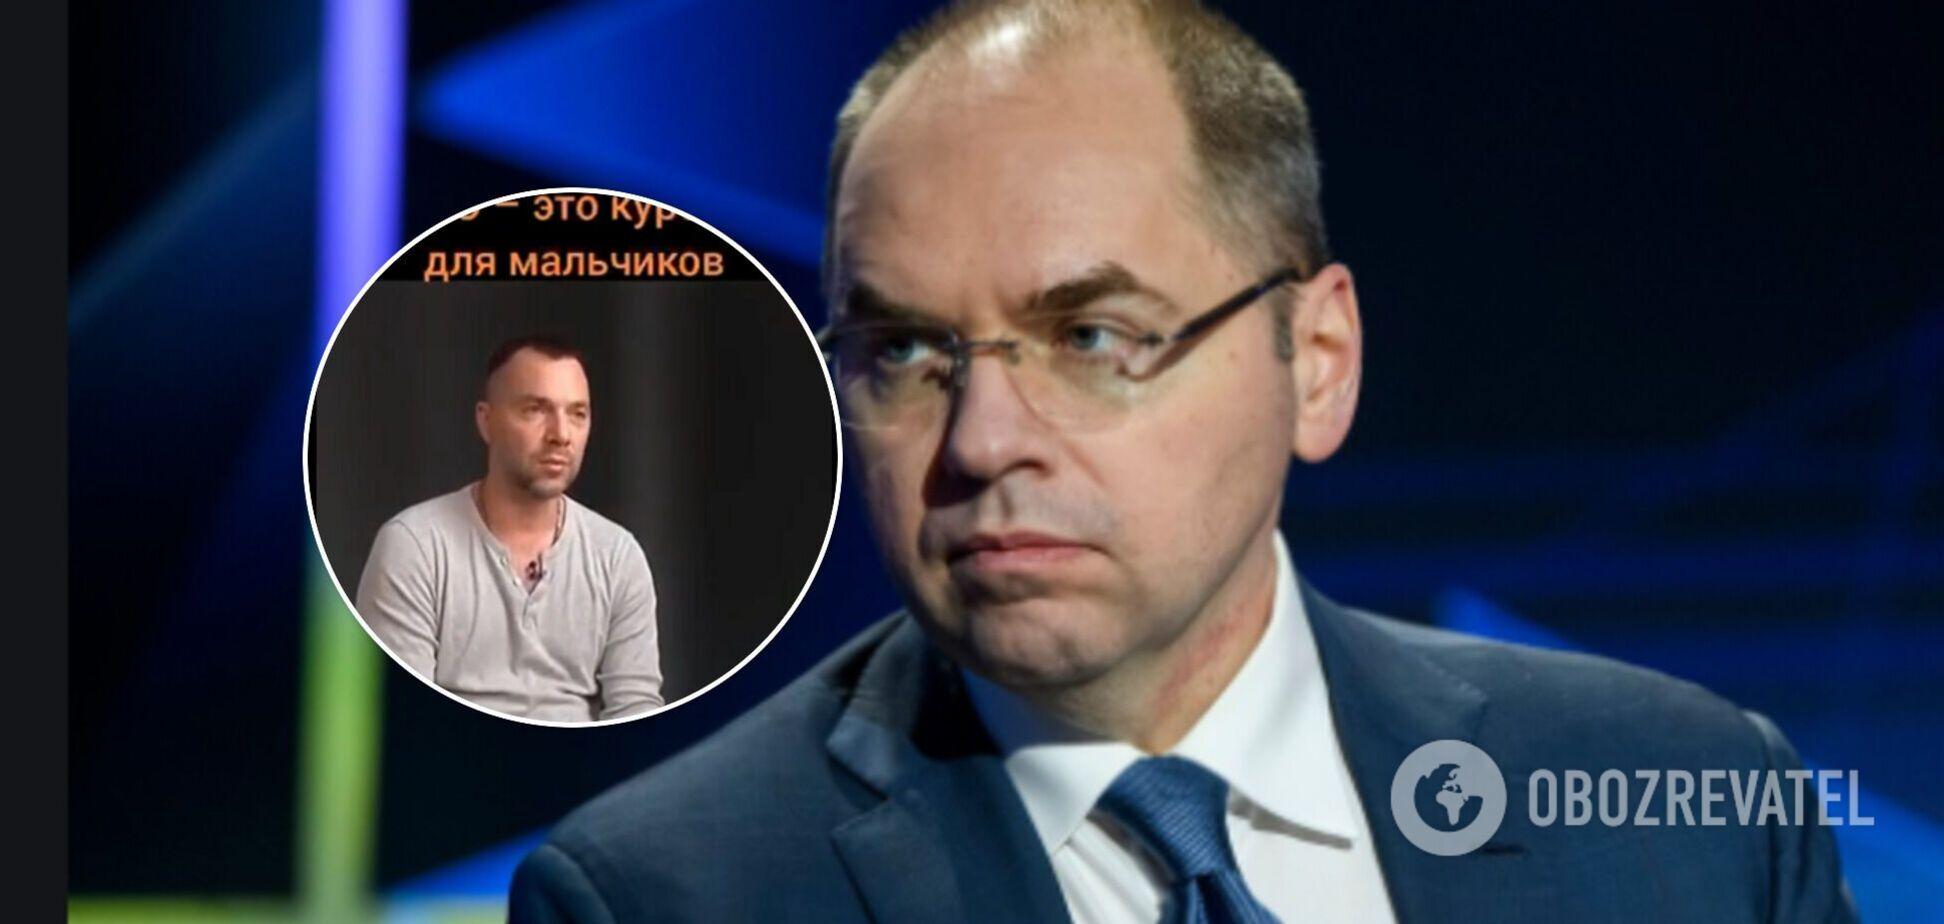 Степанов о скандальном заявлении Арестовича: есть подозрение на психическое заболевание